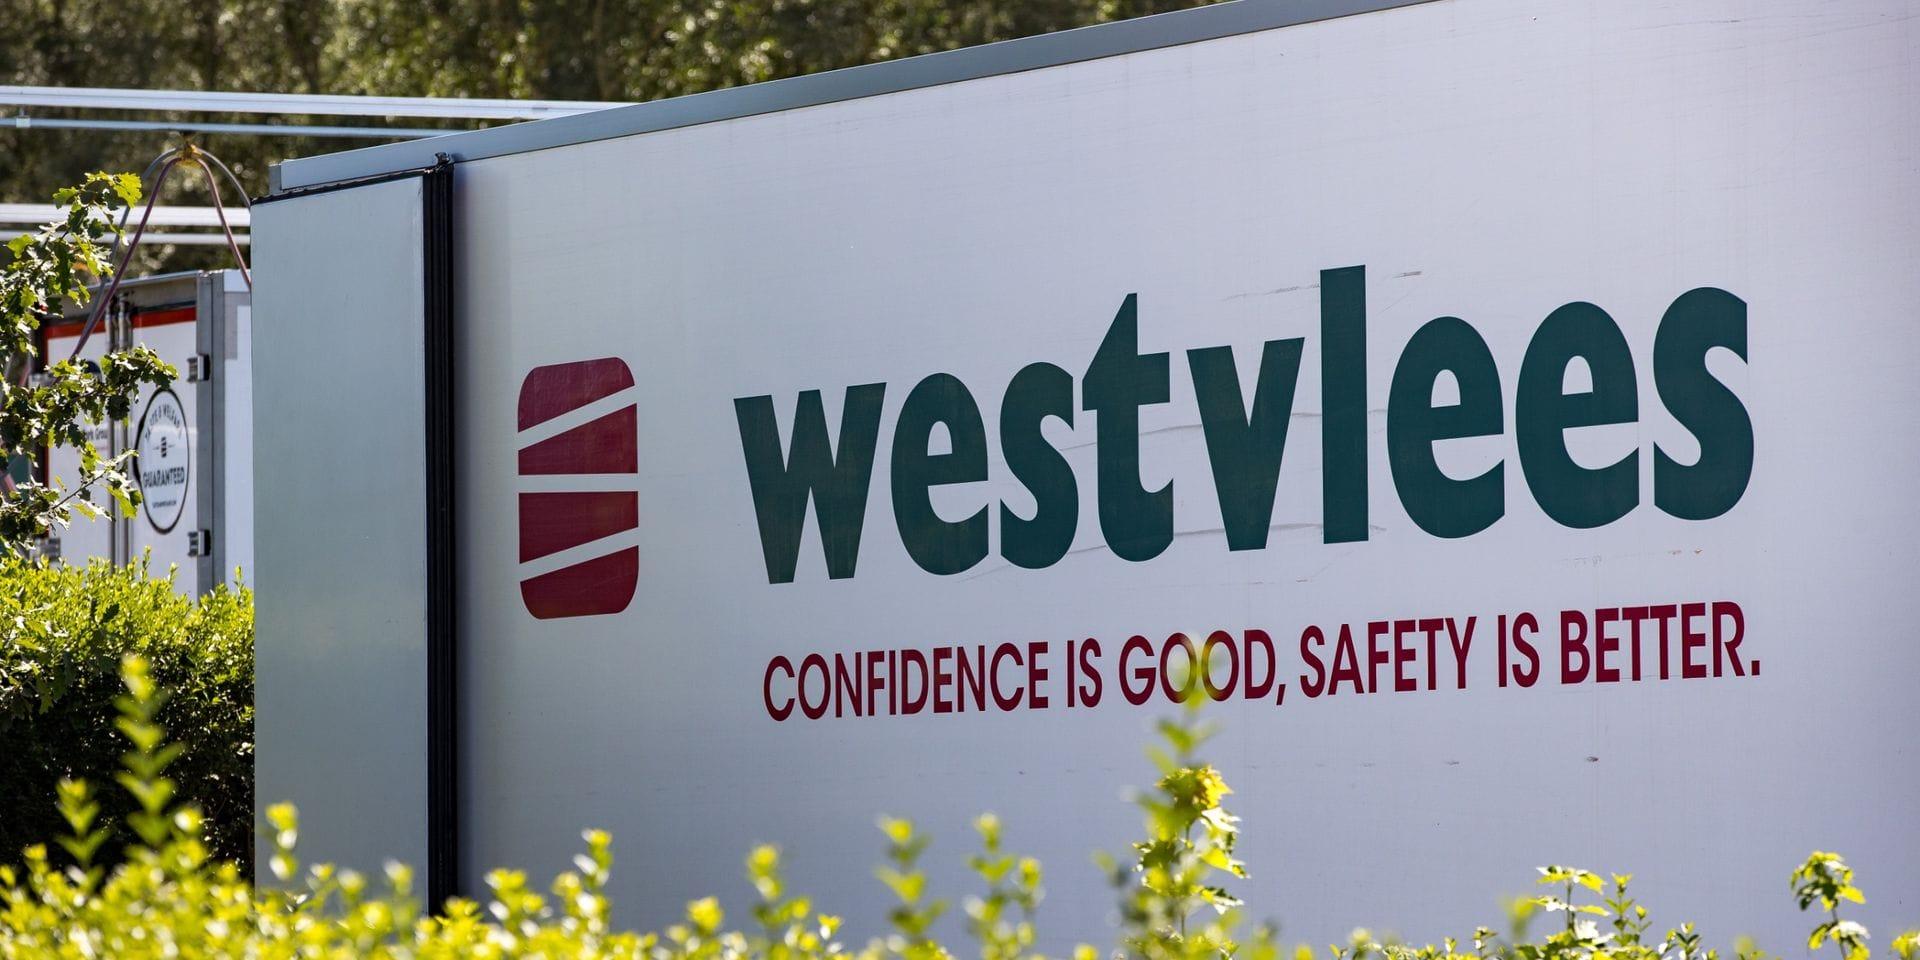 L'ensemble des travailleurs de Westvlees ont été testés, 20 nouveaux cas détectés